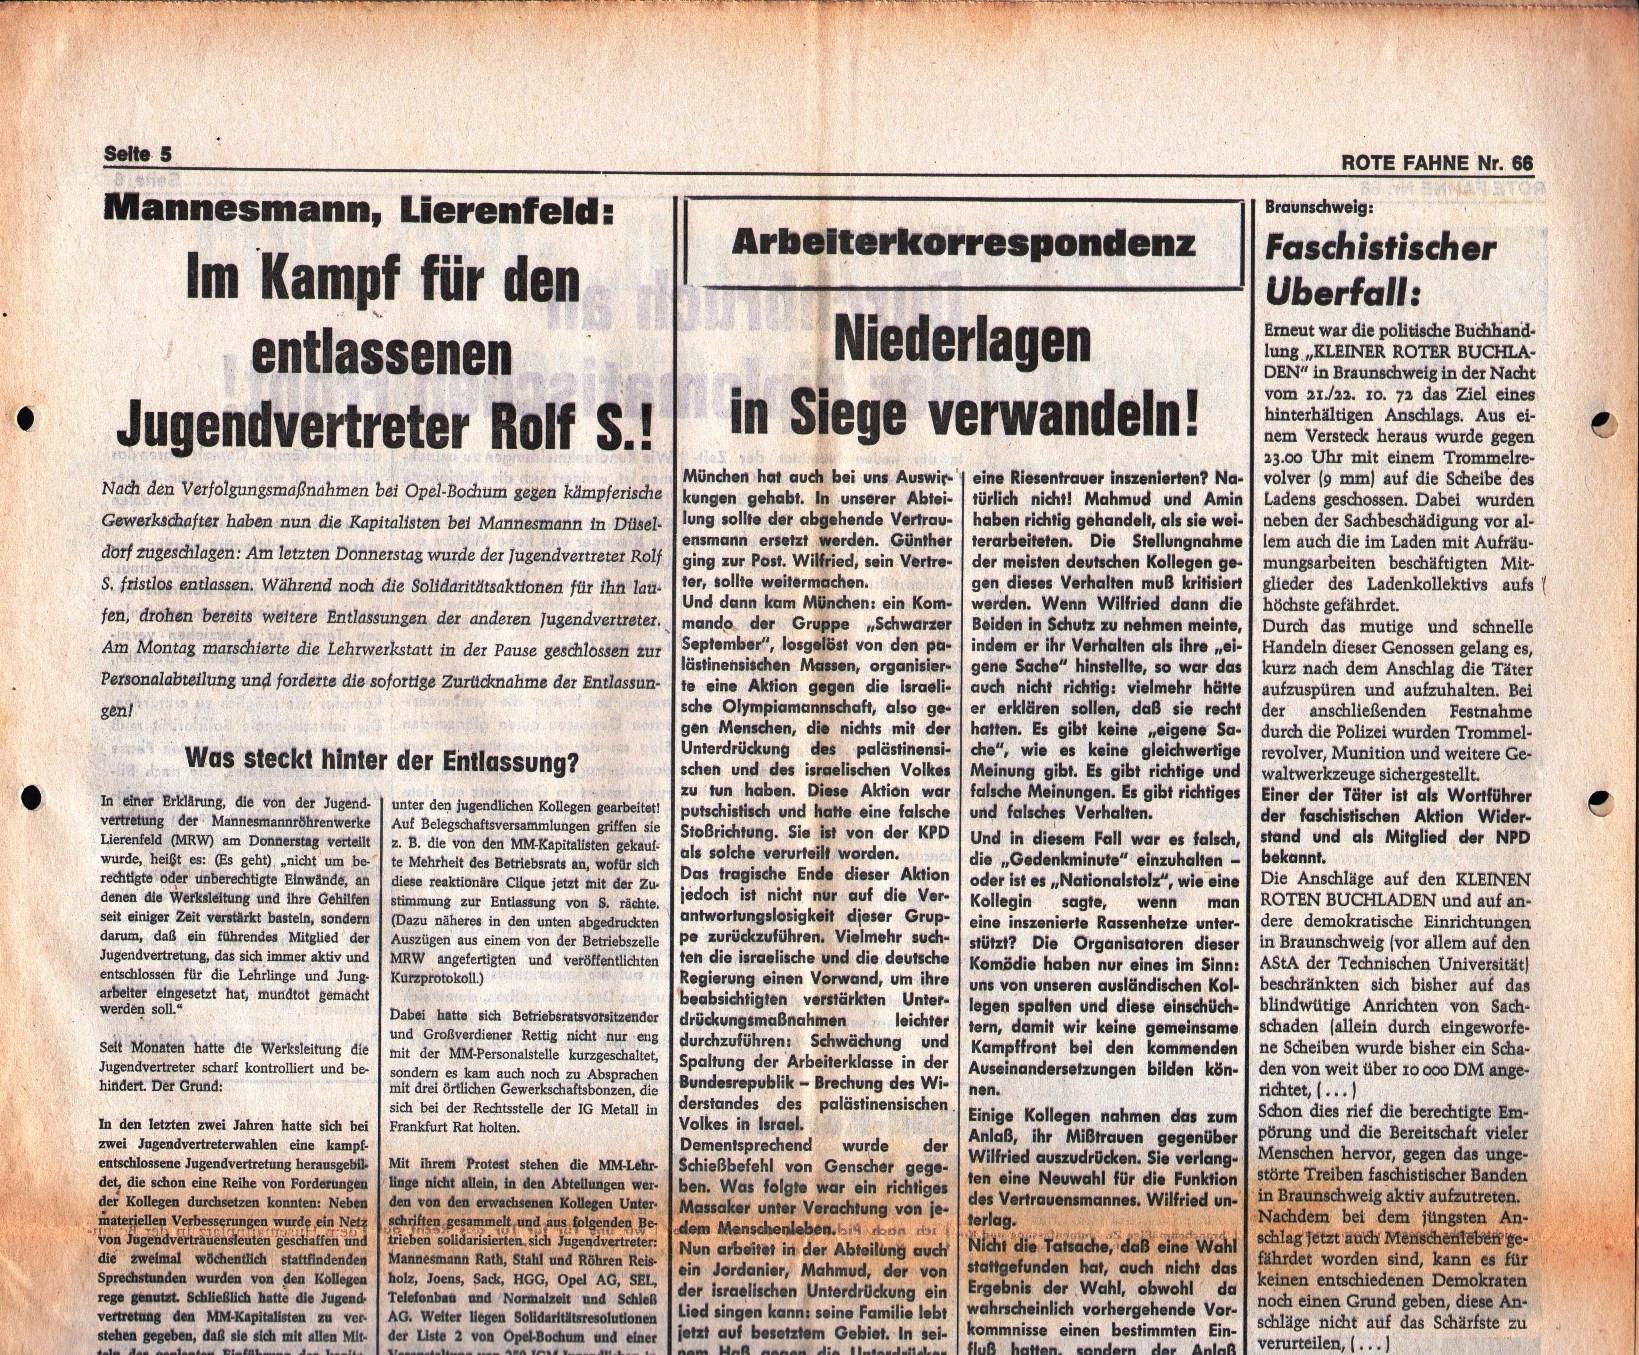 KPD_Rote_Fahne_1972_66_09